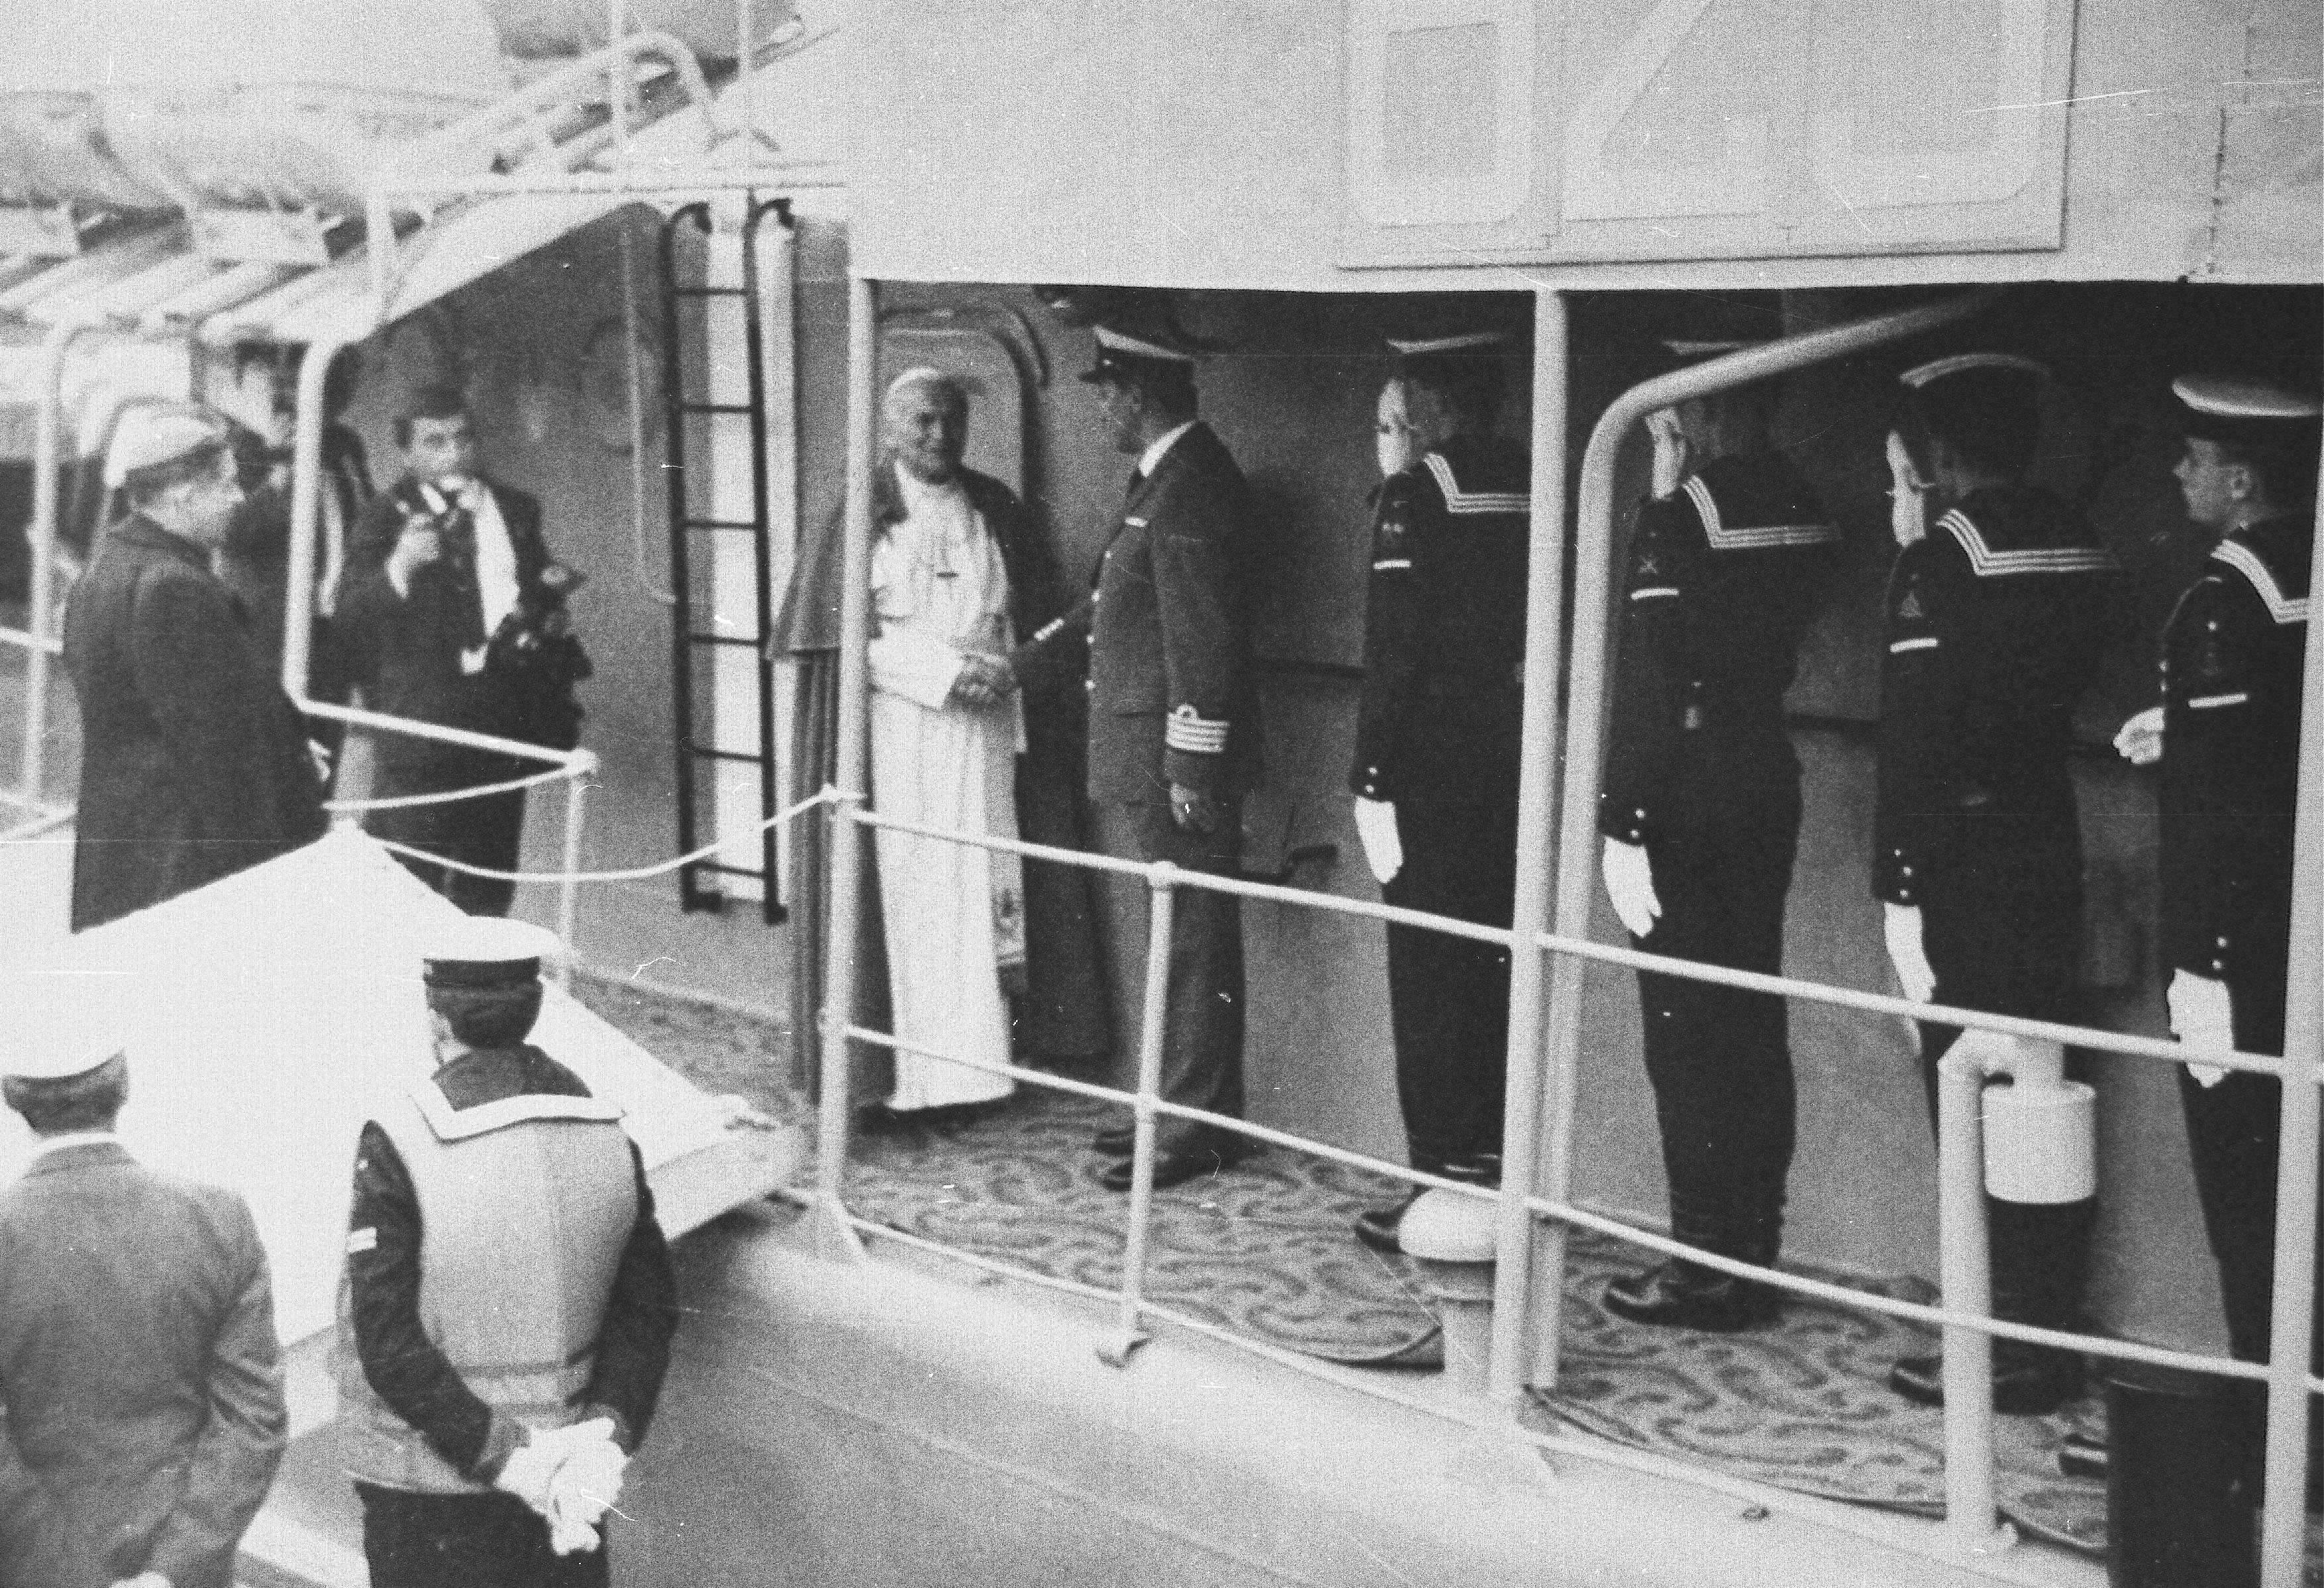 Papież na ORP Mewa //fot. przekazane przez p.Mariana Kluczyńskiego ze zbiorów Marynarki Wojennej